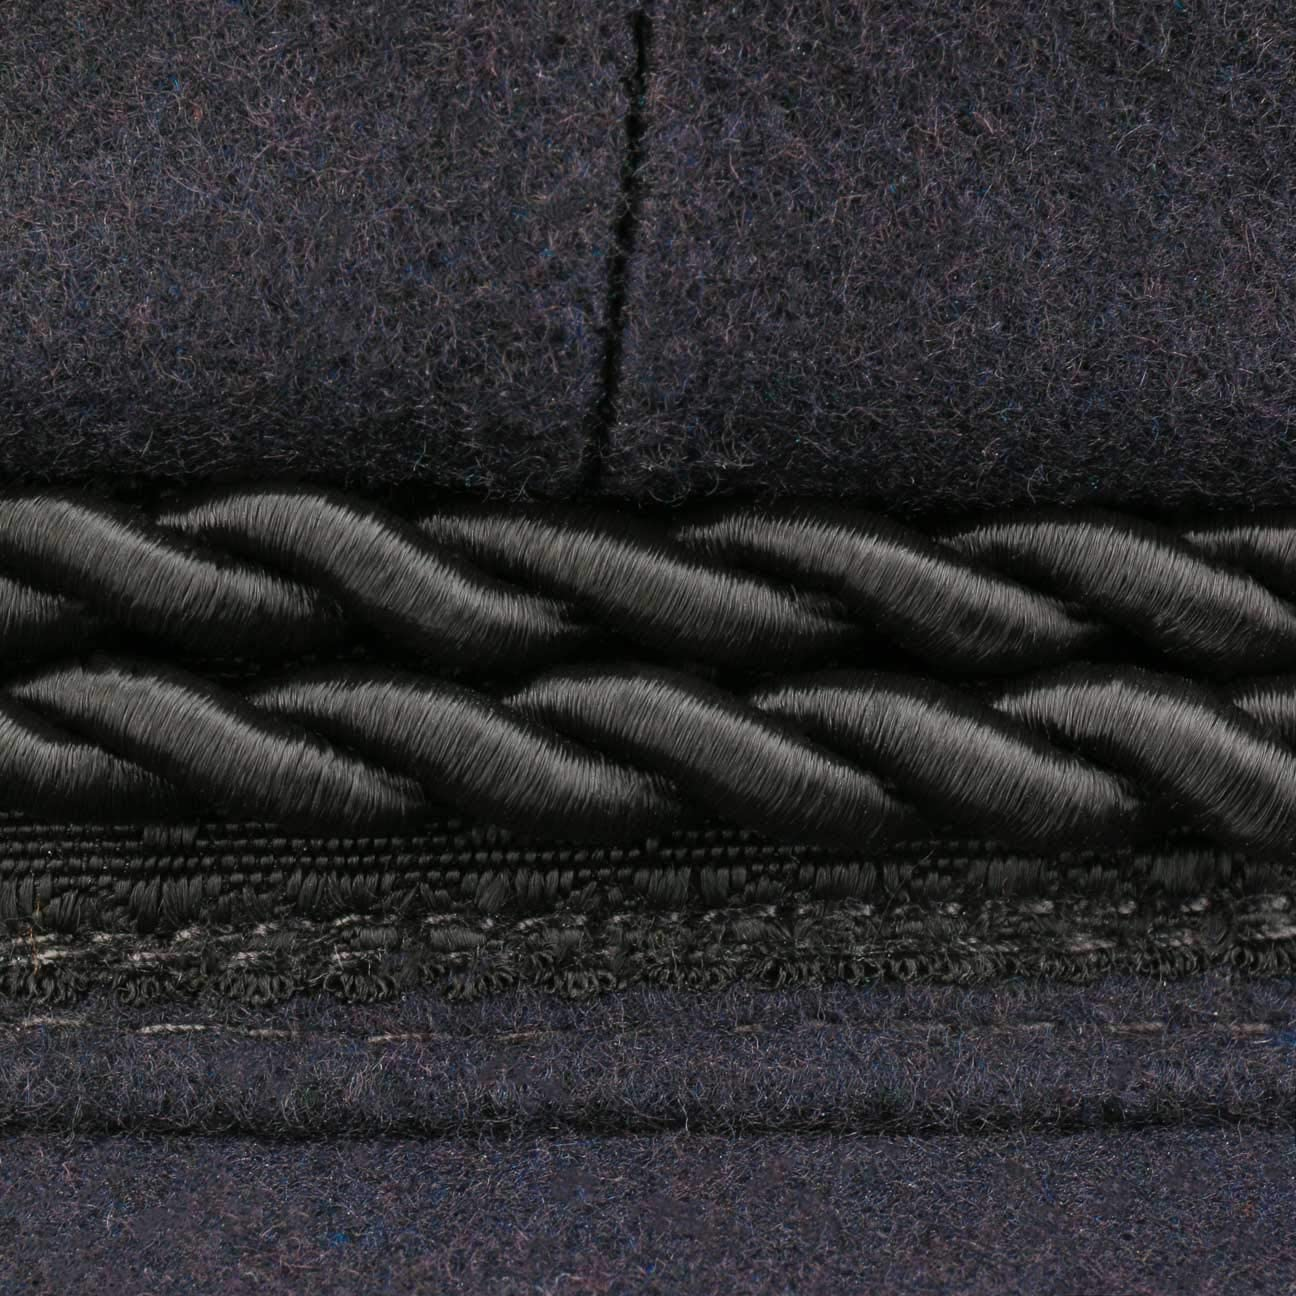 HAMMABURG Elbsegler M/ütze Blau f/ür Herren Schirmm/ütze mit Kordel 61 cm kurzem Visor und schwarzen Kn/öpfen Matrosenm/ütze aus Tuch Gr/ö/ßen 53 cm traditionelle Kapit/änsm/ütze mit Innenfutter